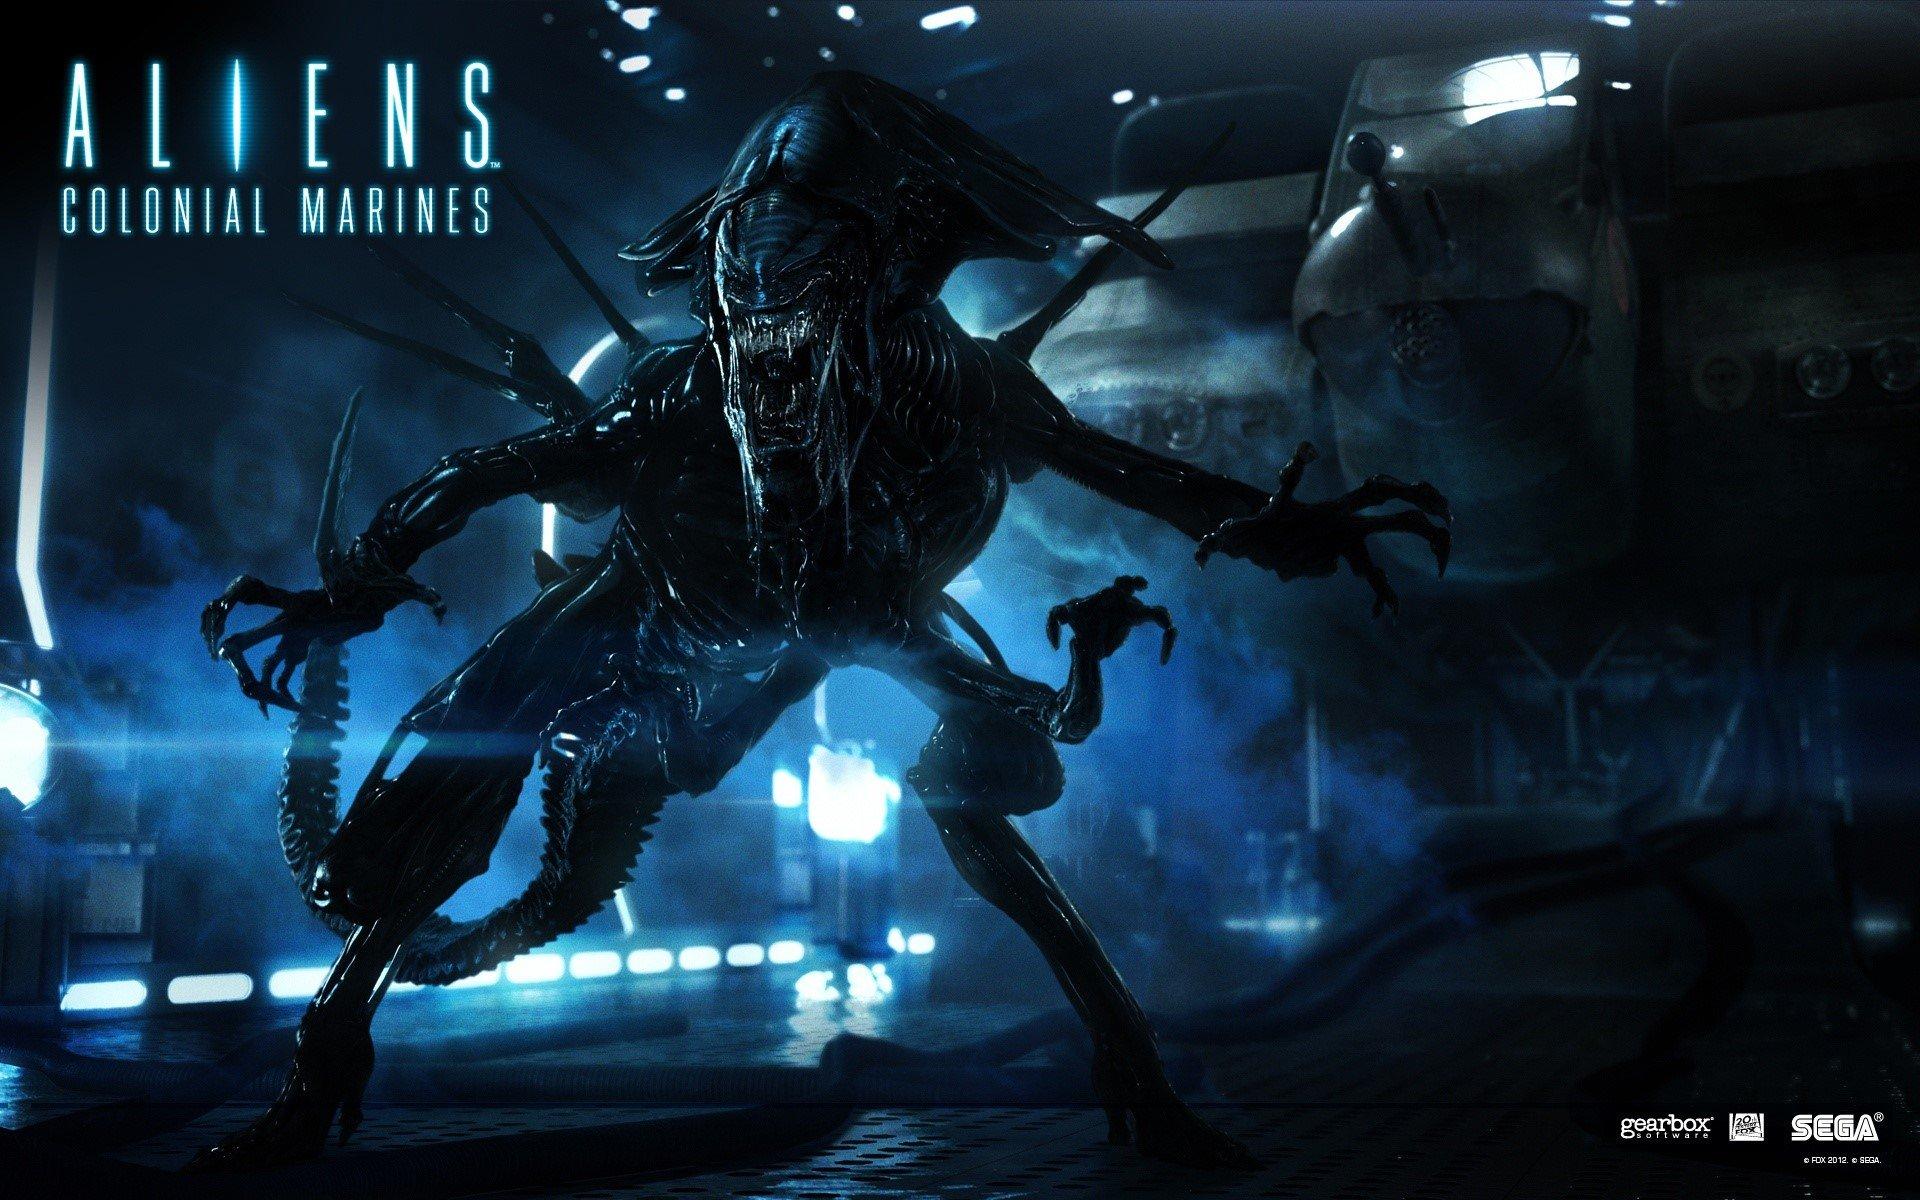 Fondos de pantalla Aliens colonial marines